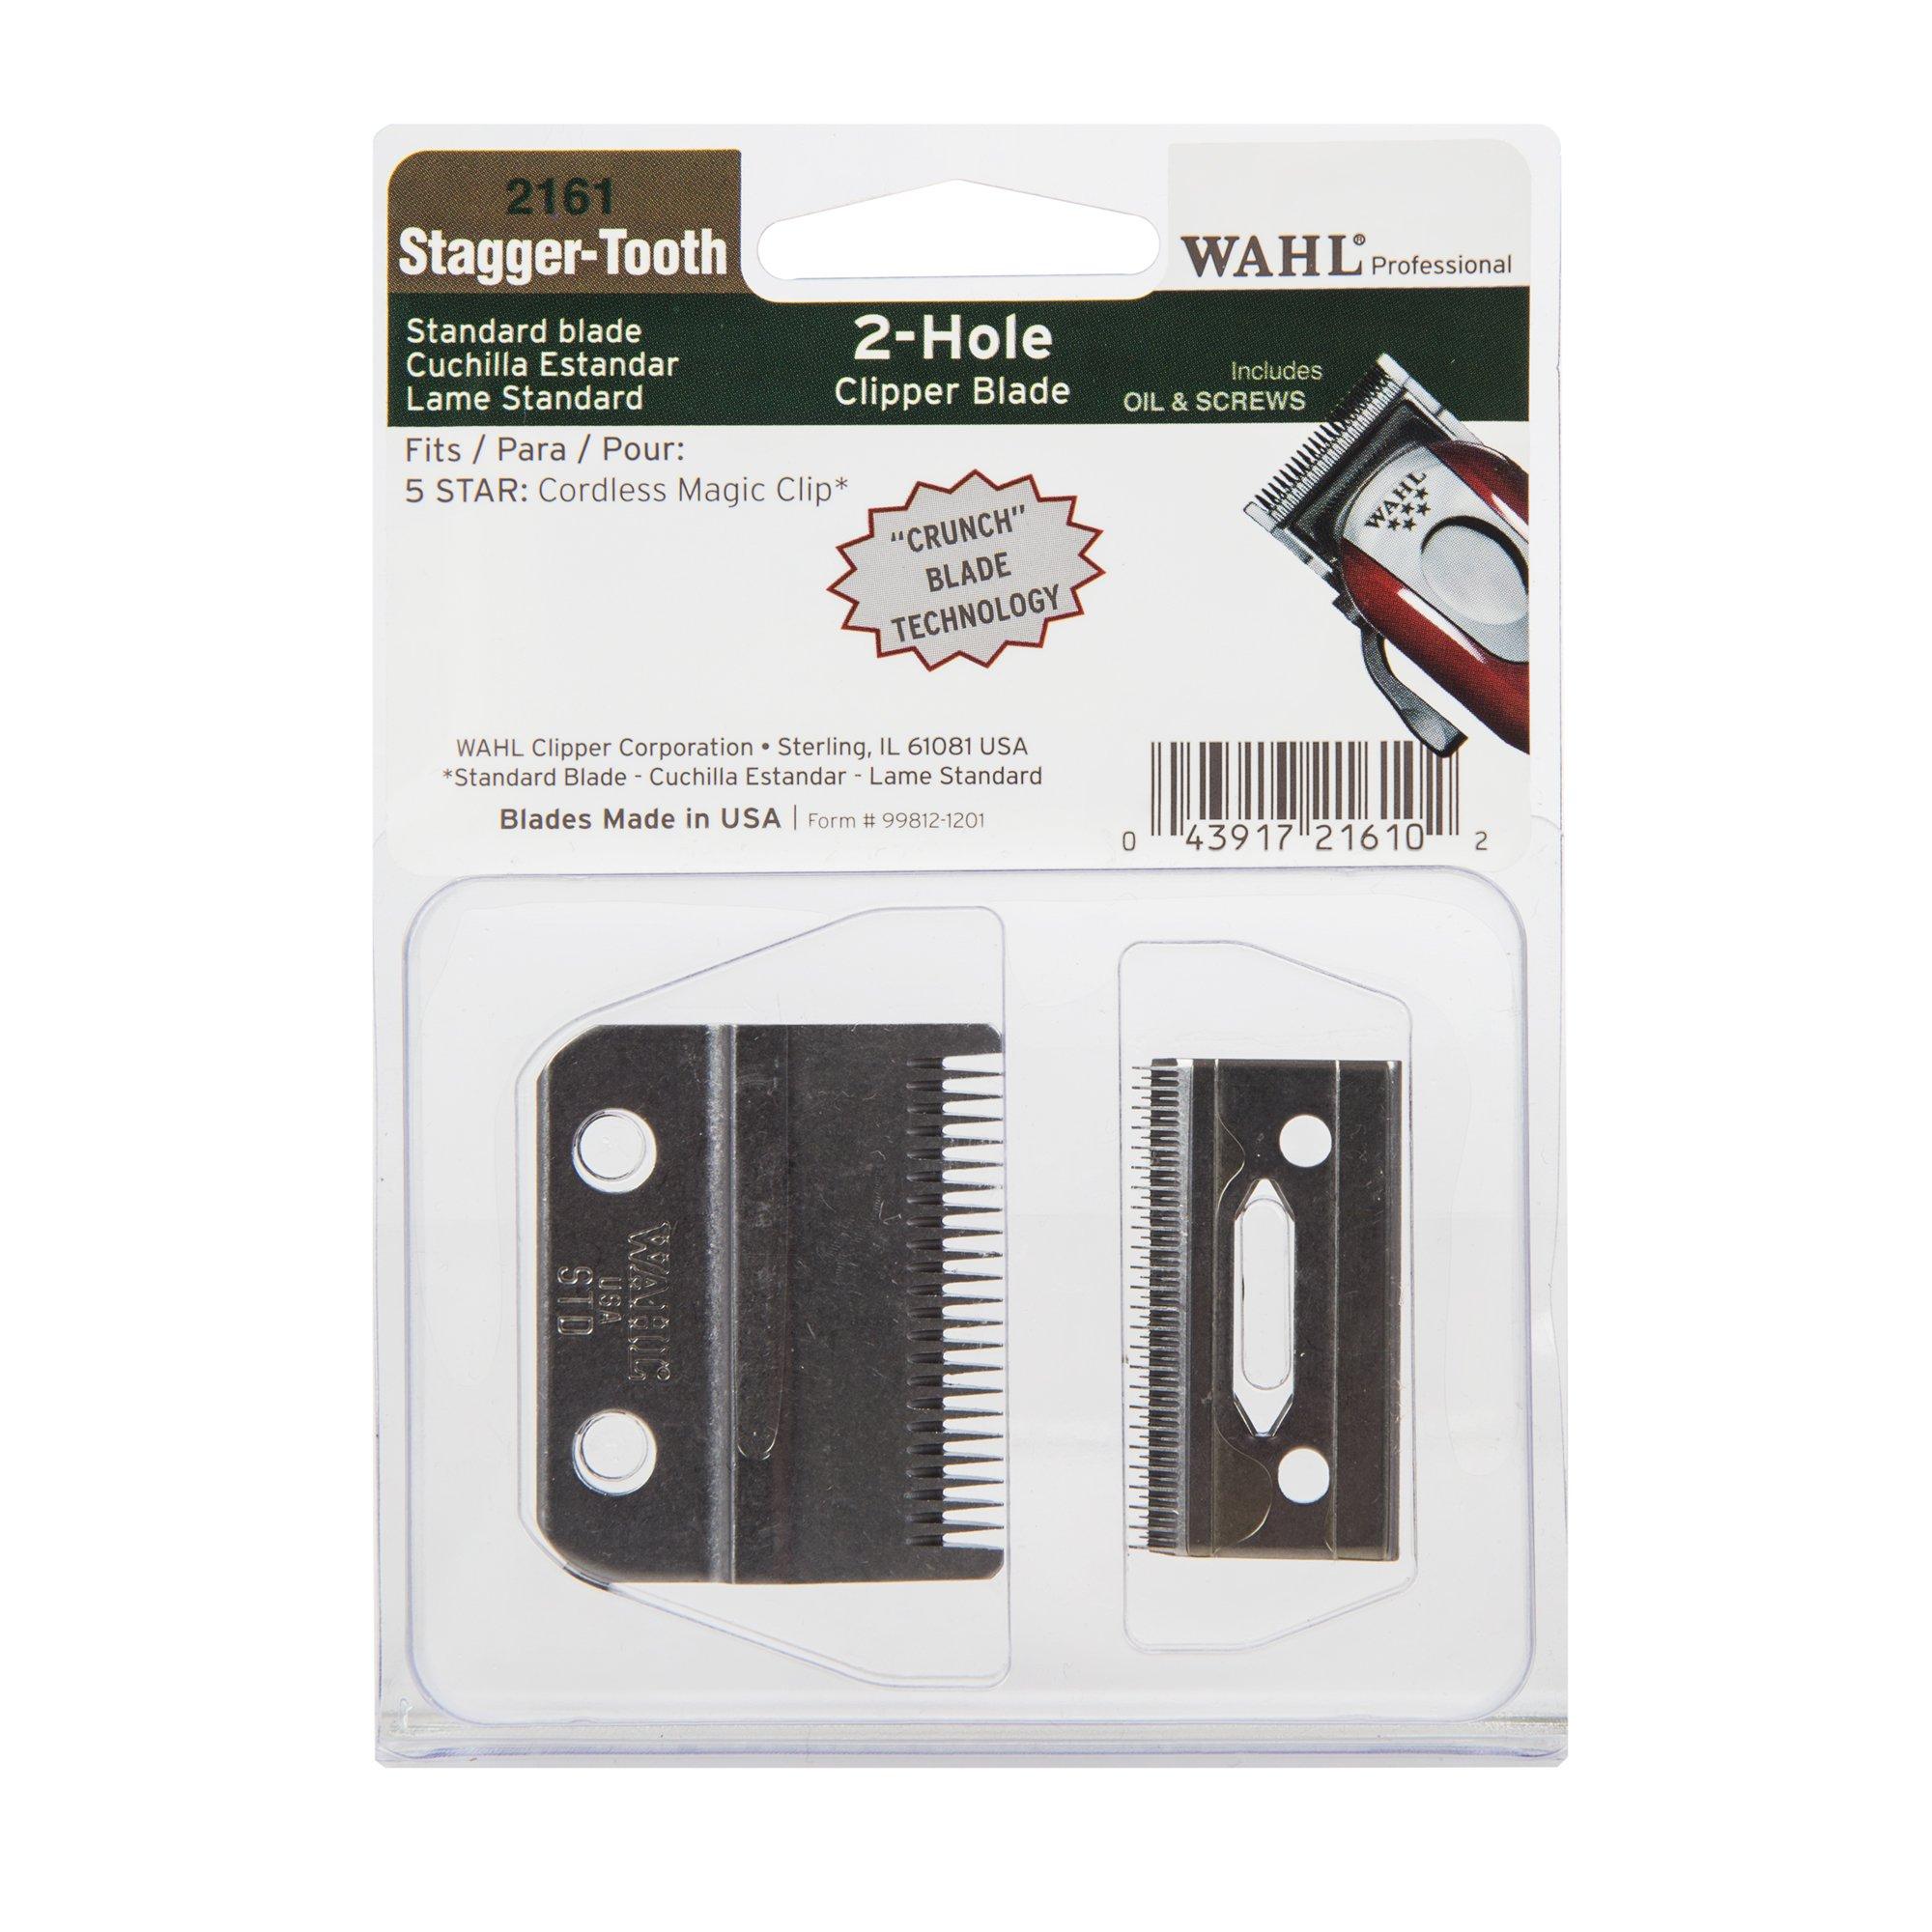 WAHL Magic Clip Cordless vágófej 2161-400 empty fc28130fcb